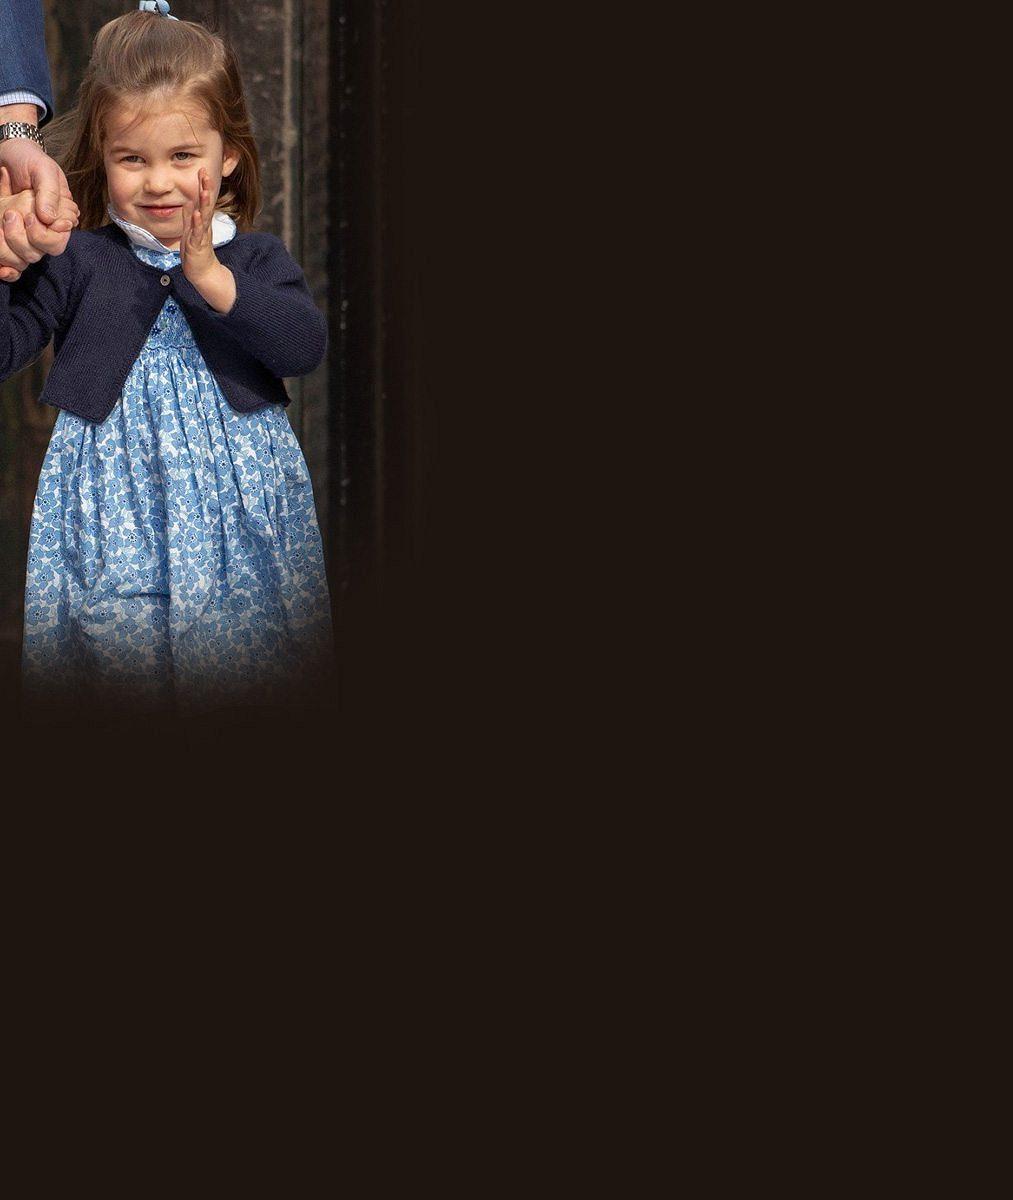 Princezna Charlotte slaví třetí narozeniny! Už teď vystupuje jako královna